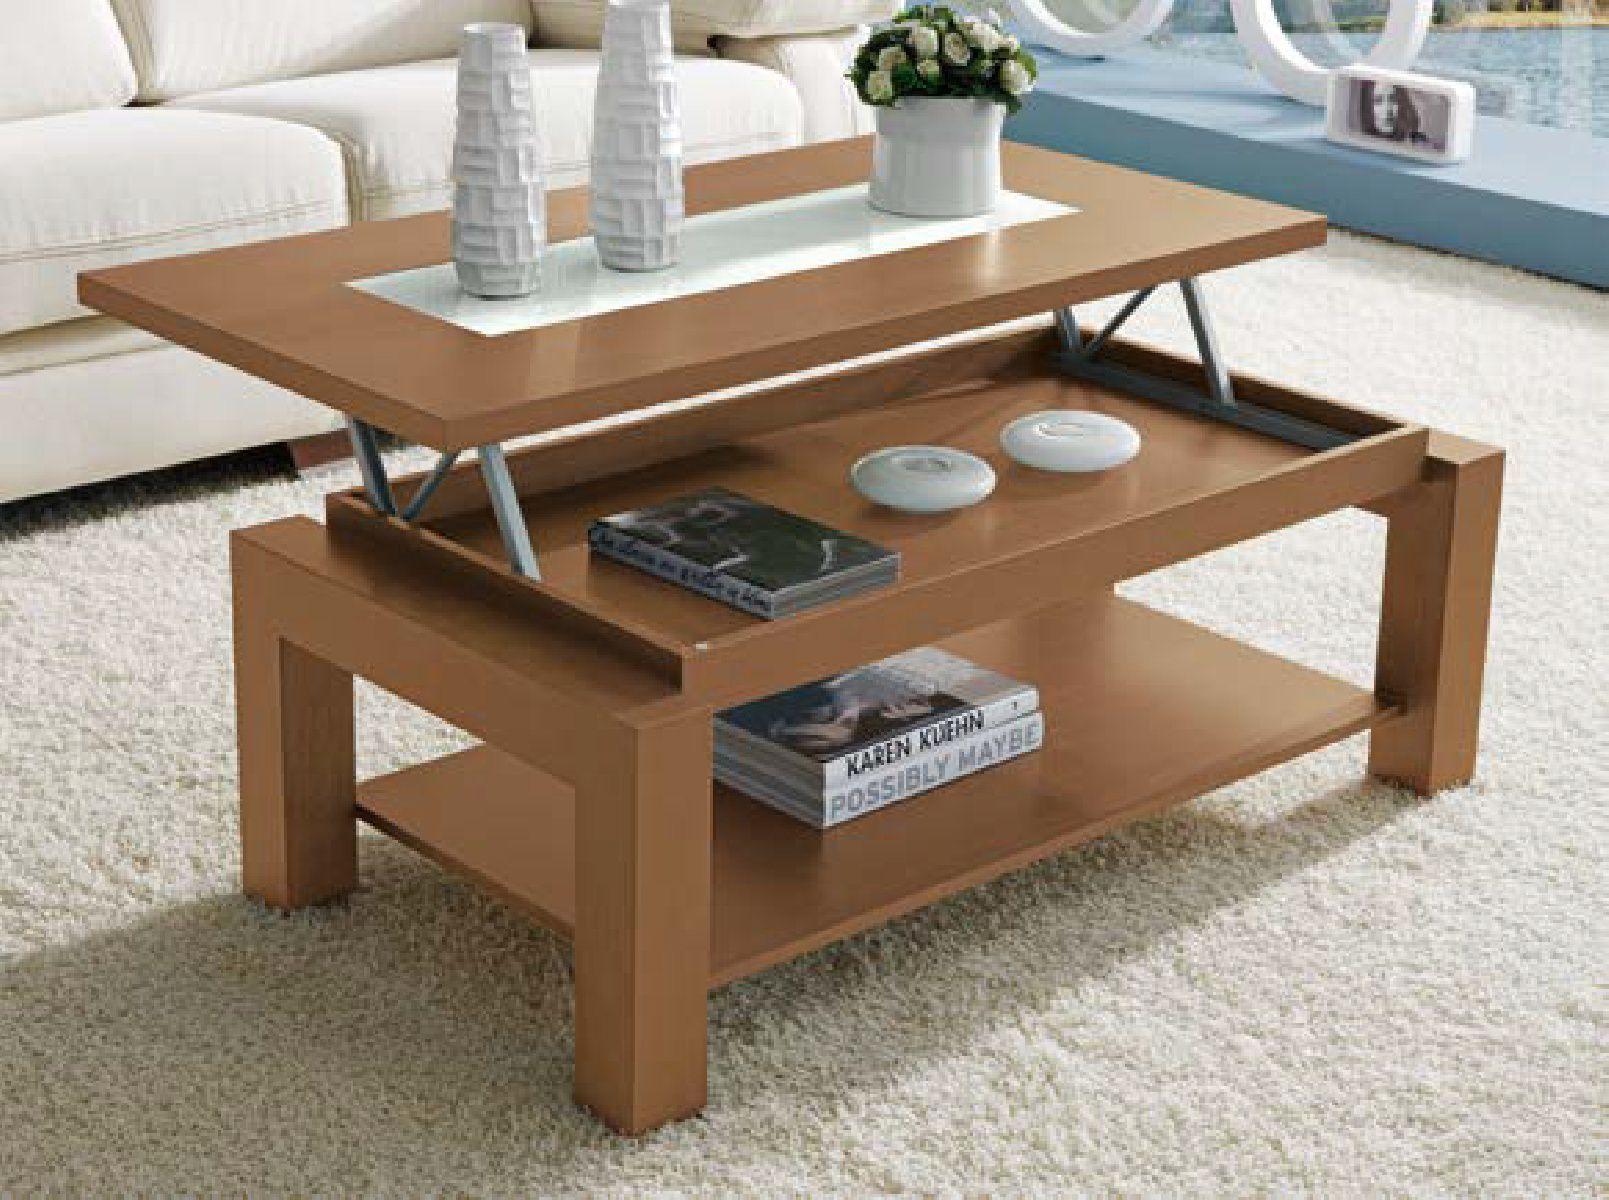 Журнальный стол прямоугольный 204 Disemobel